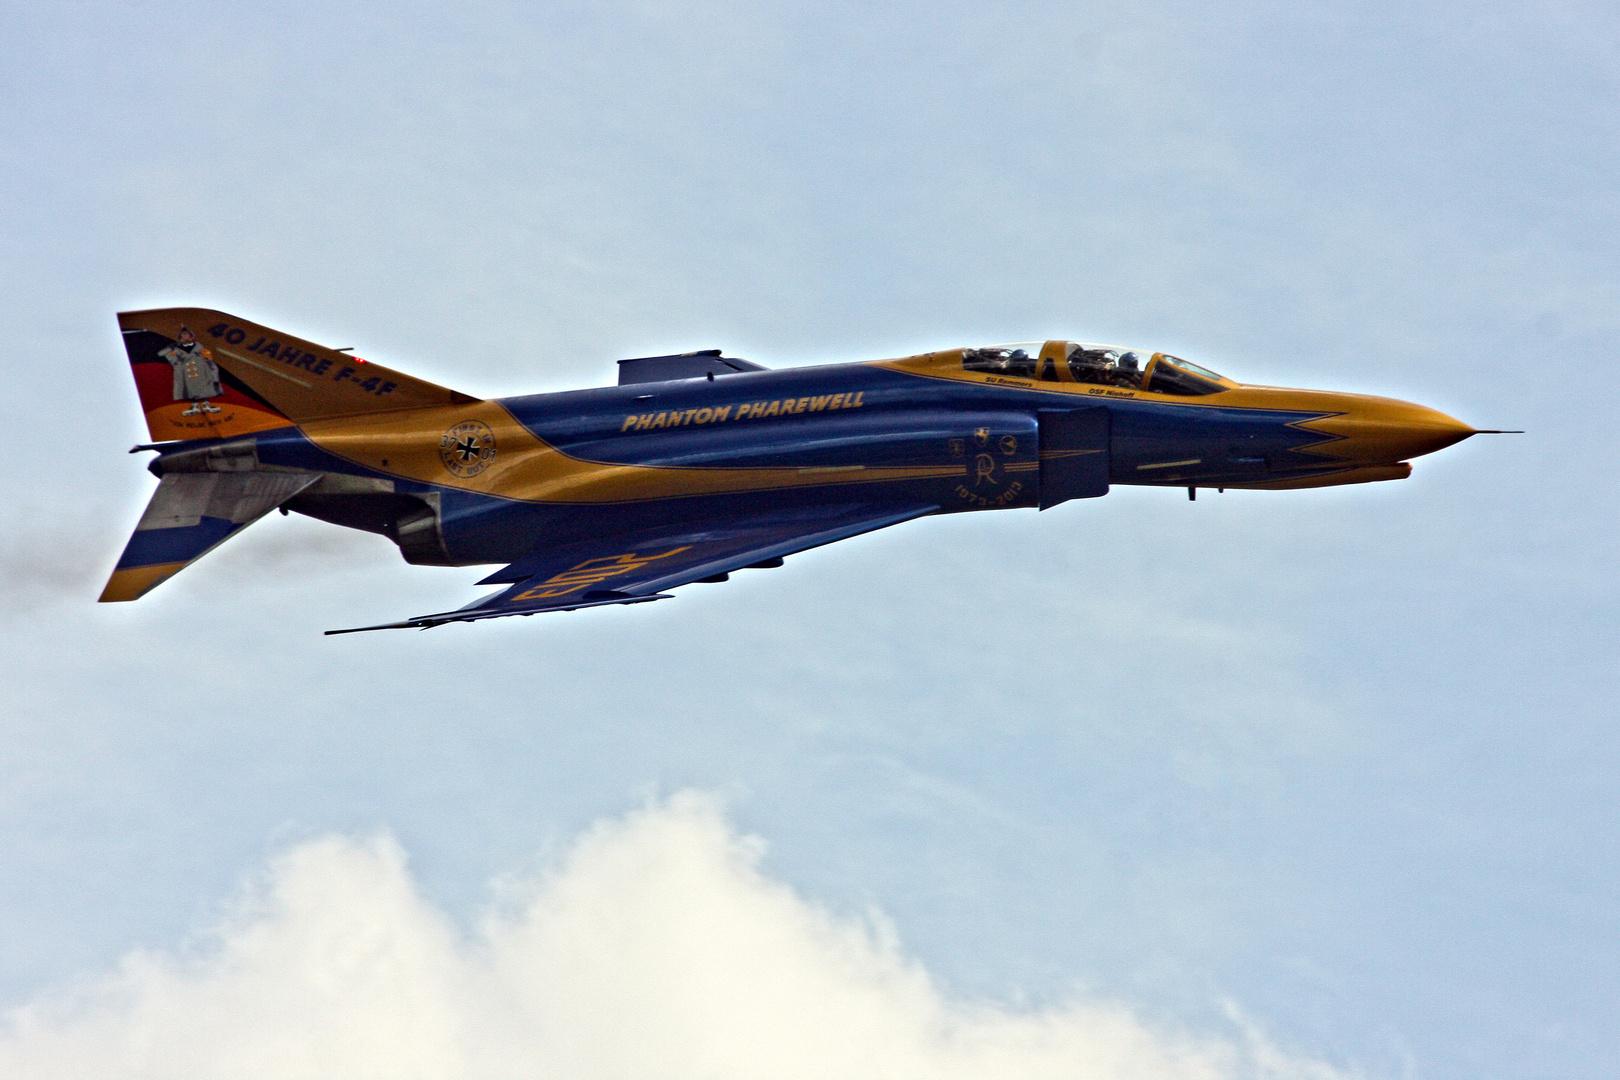 Phantom, final flight